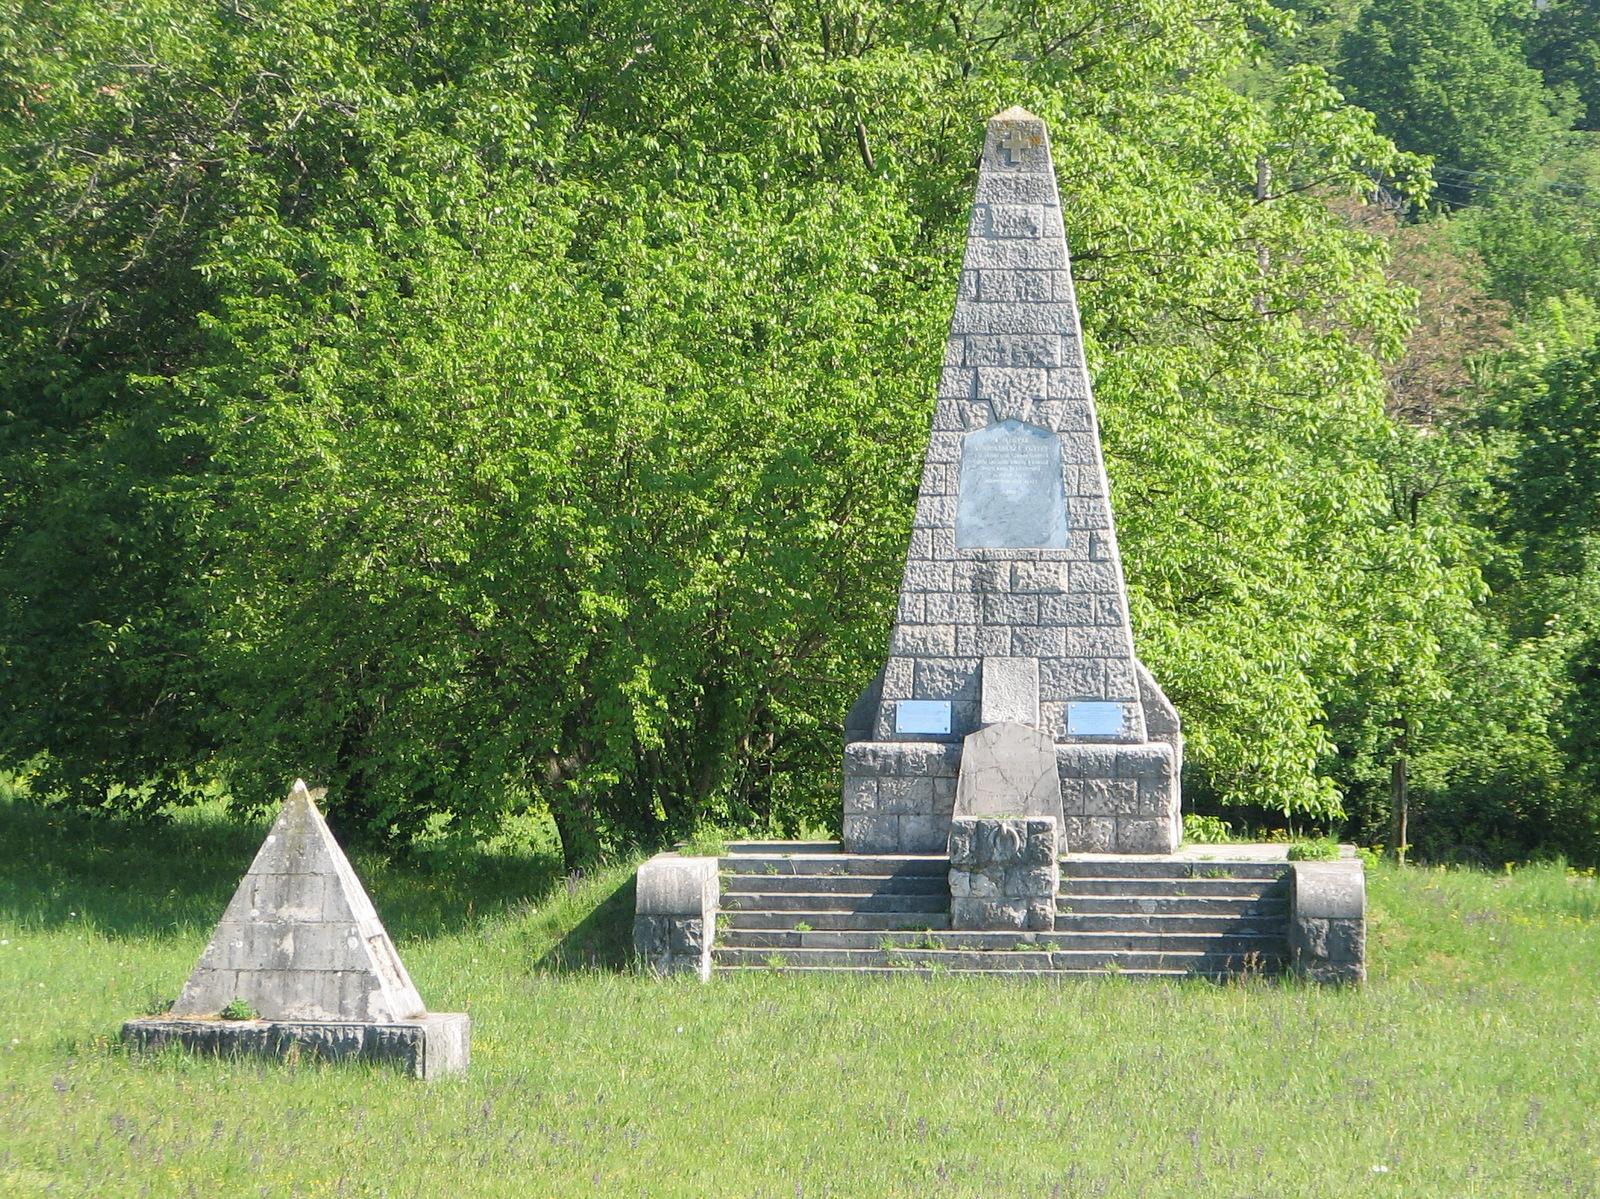 Vojaško pokopališče in spomenik